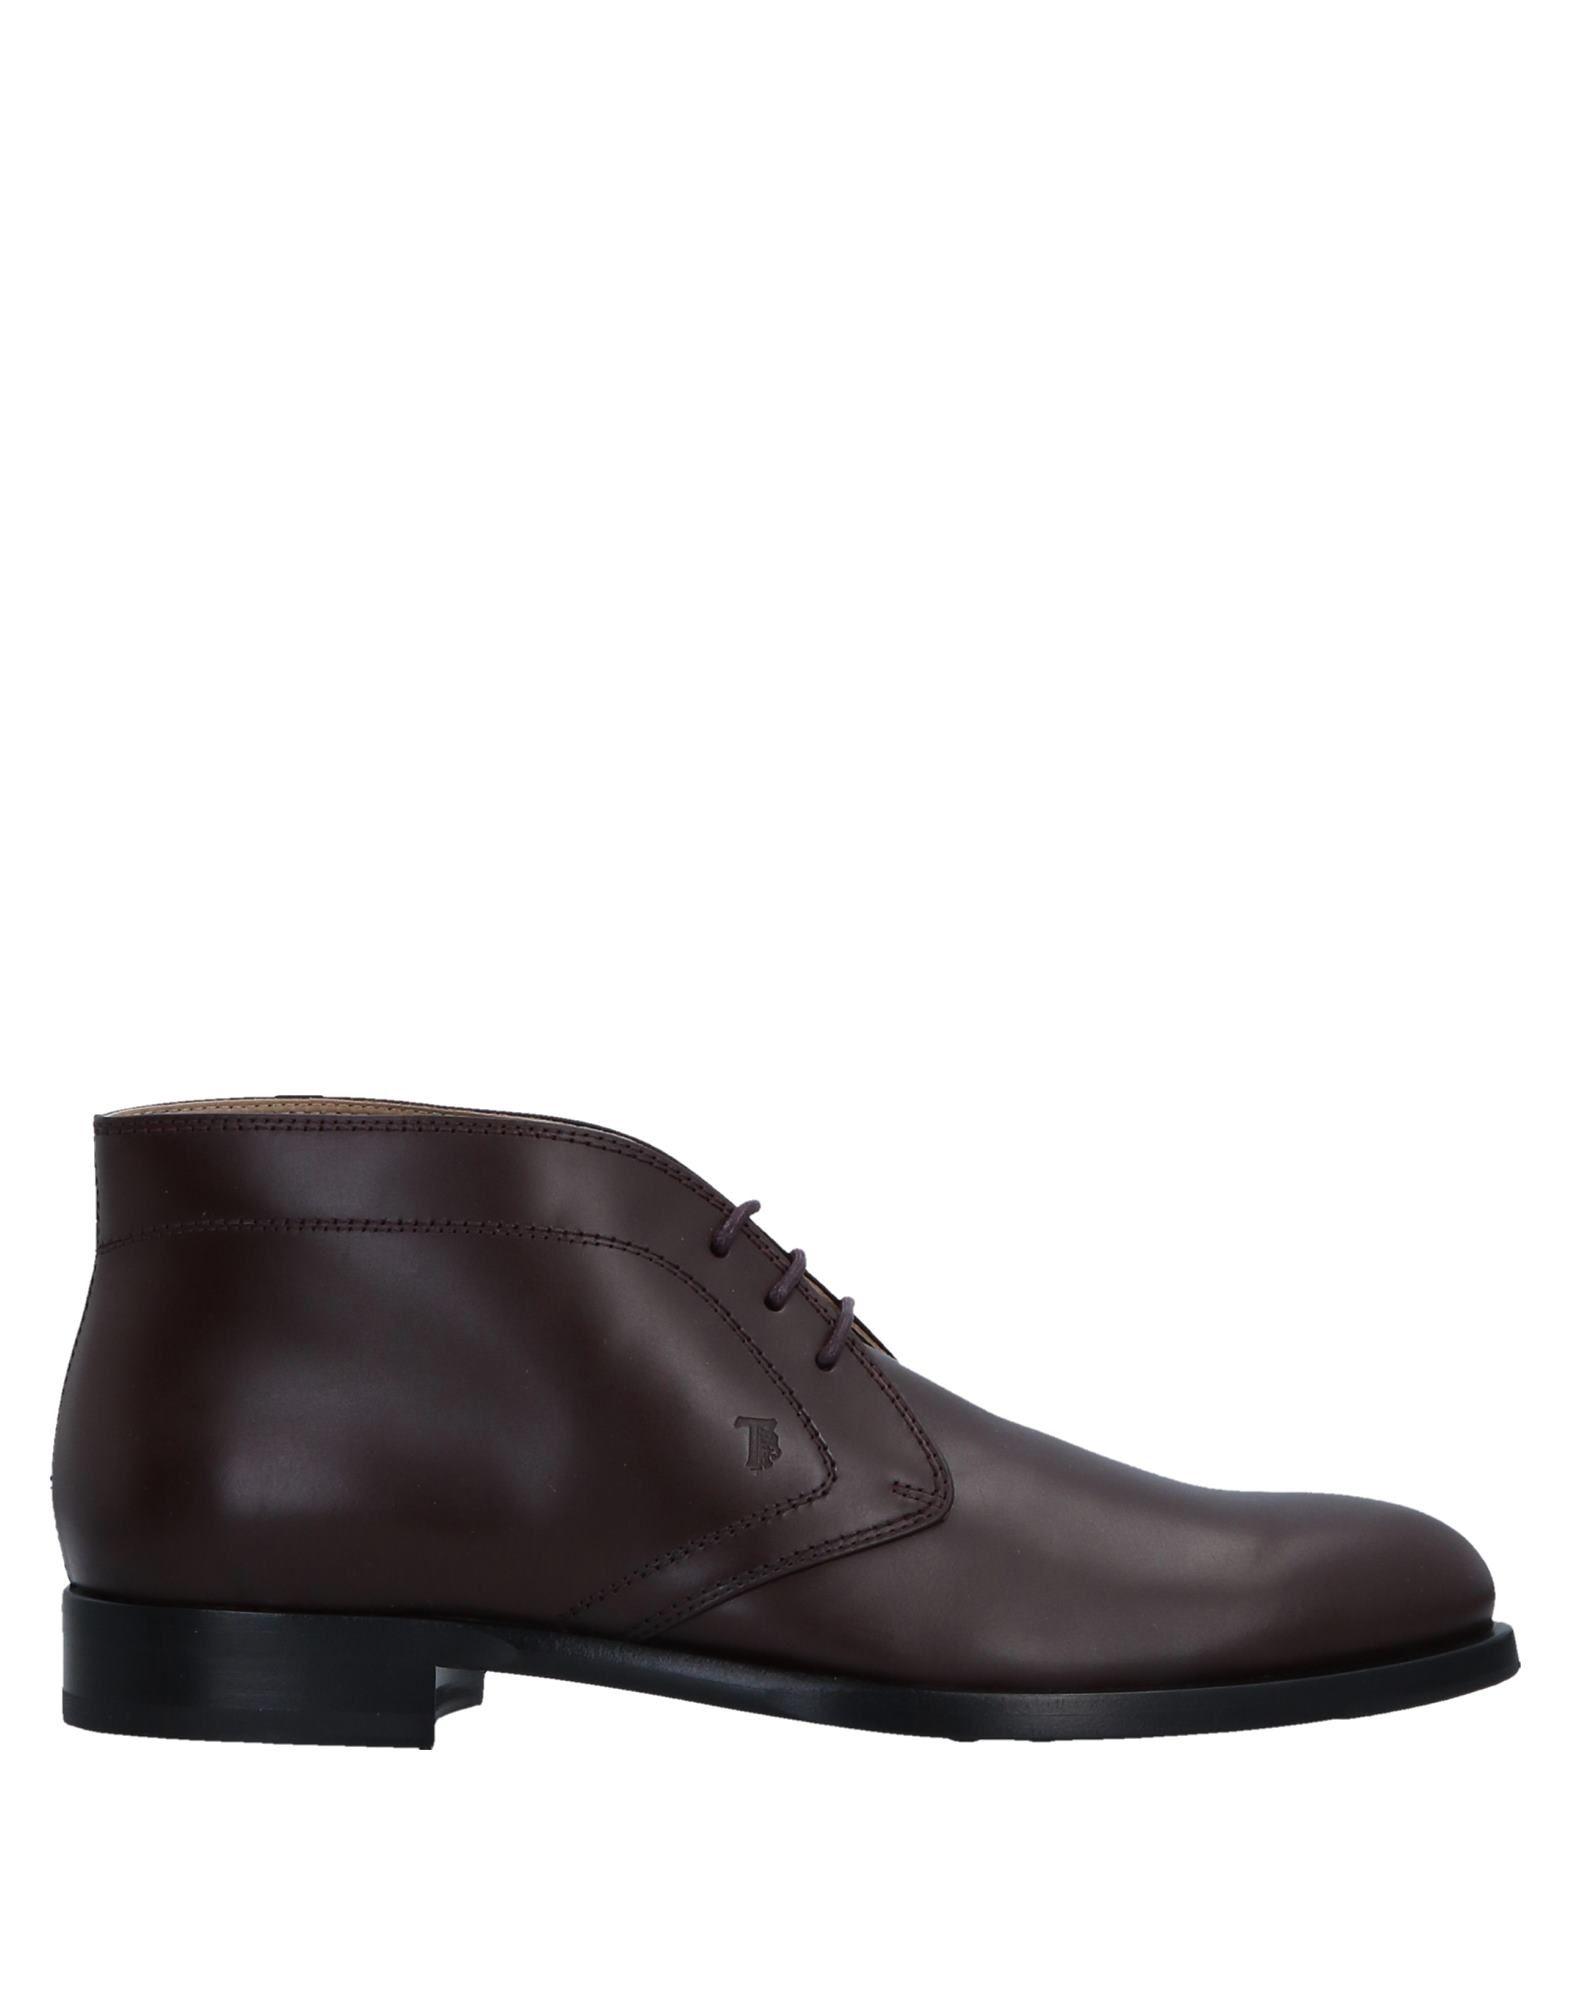 Tod's Stiefelette Herren  11541131UP Gute Qualität beliebte Schuhe